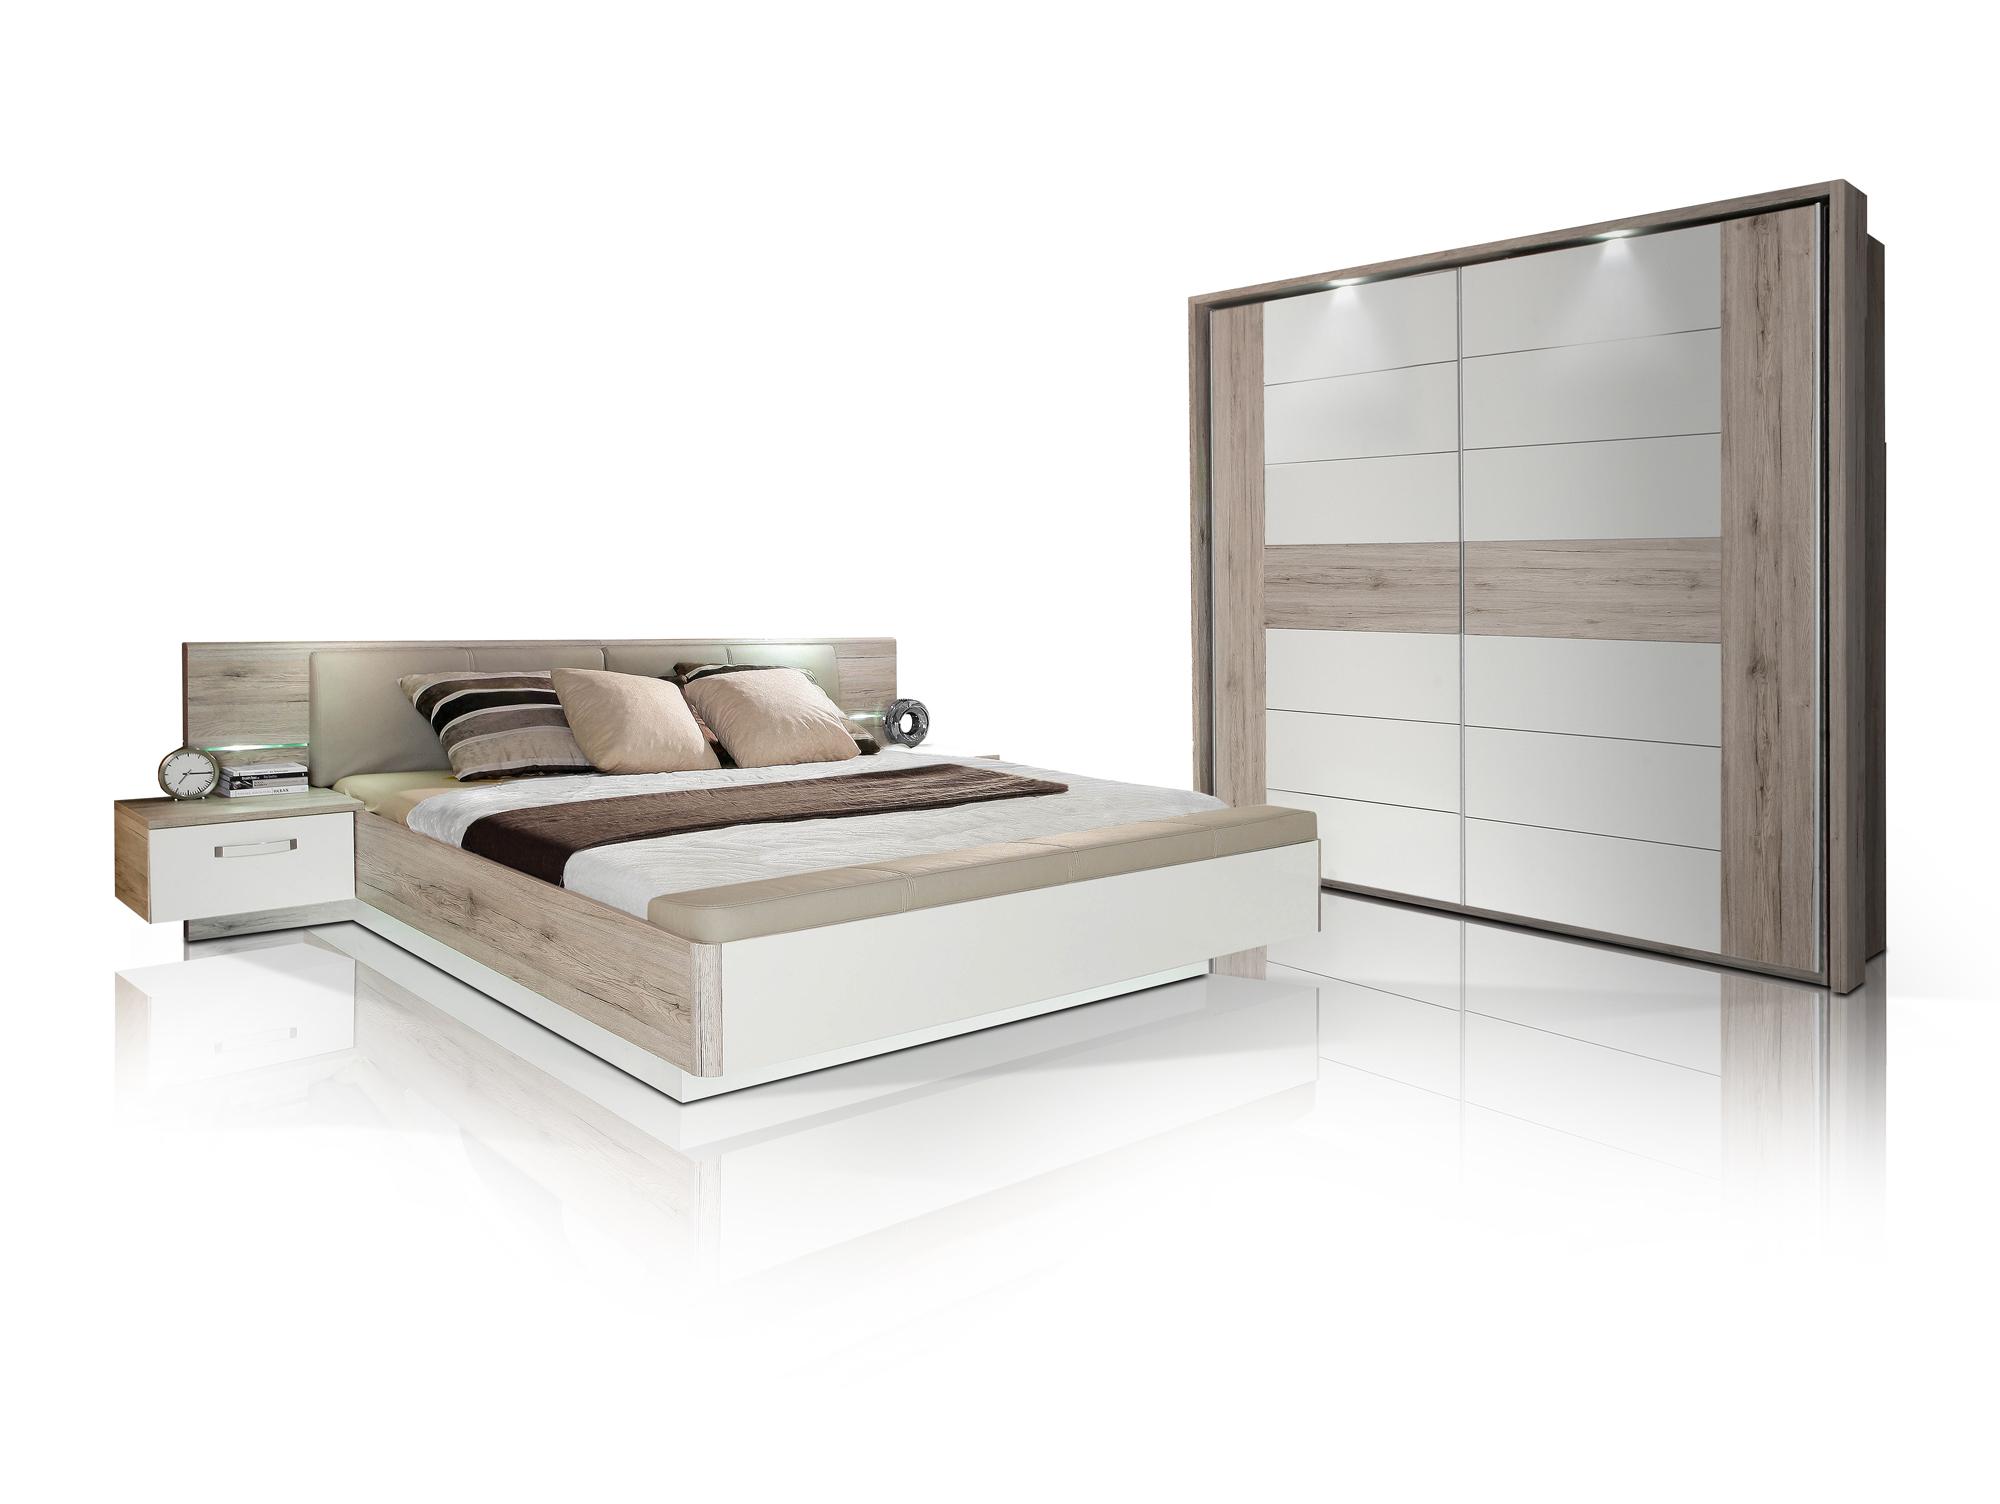 schlafzimmer weiss günstig kaufen - Schlafzimmer Weis Gunstig